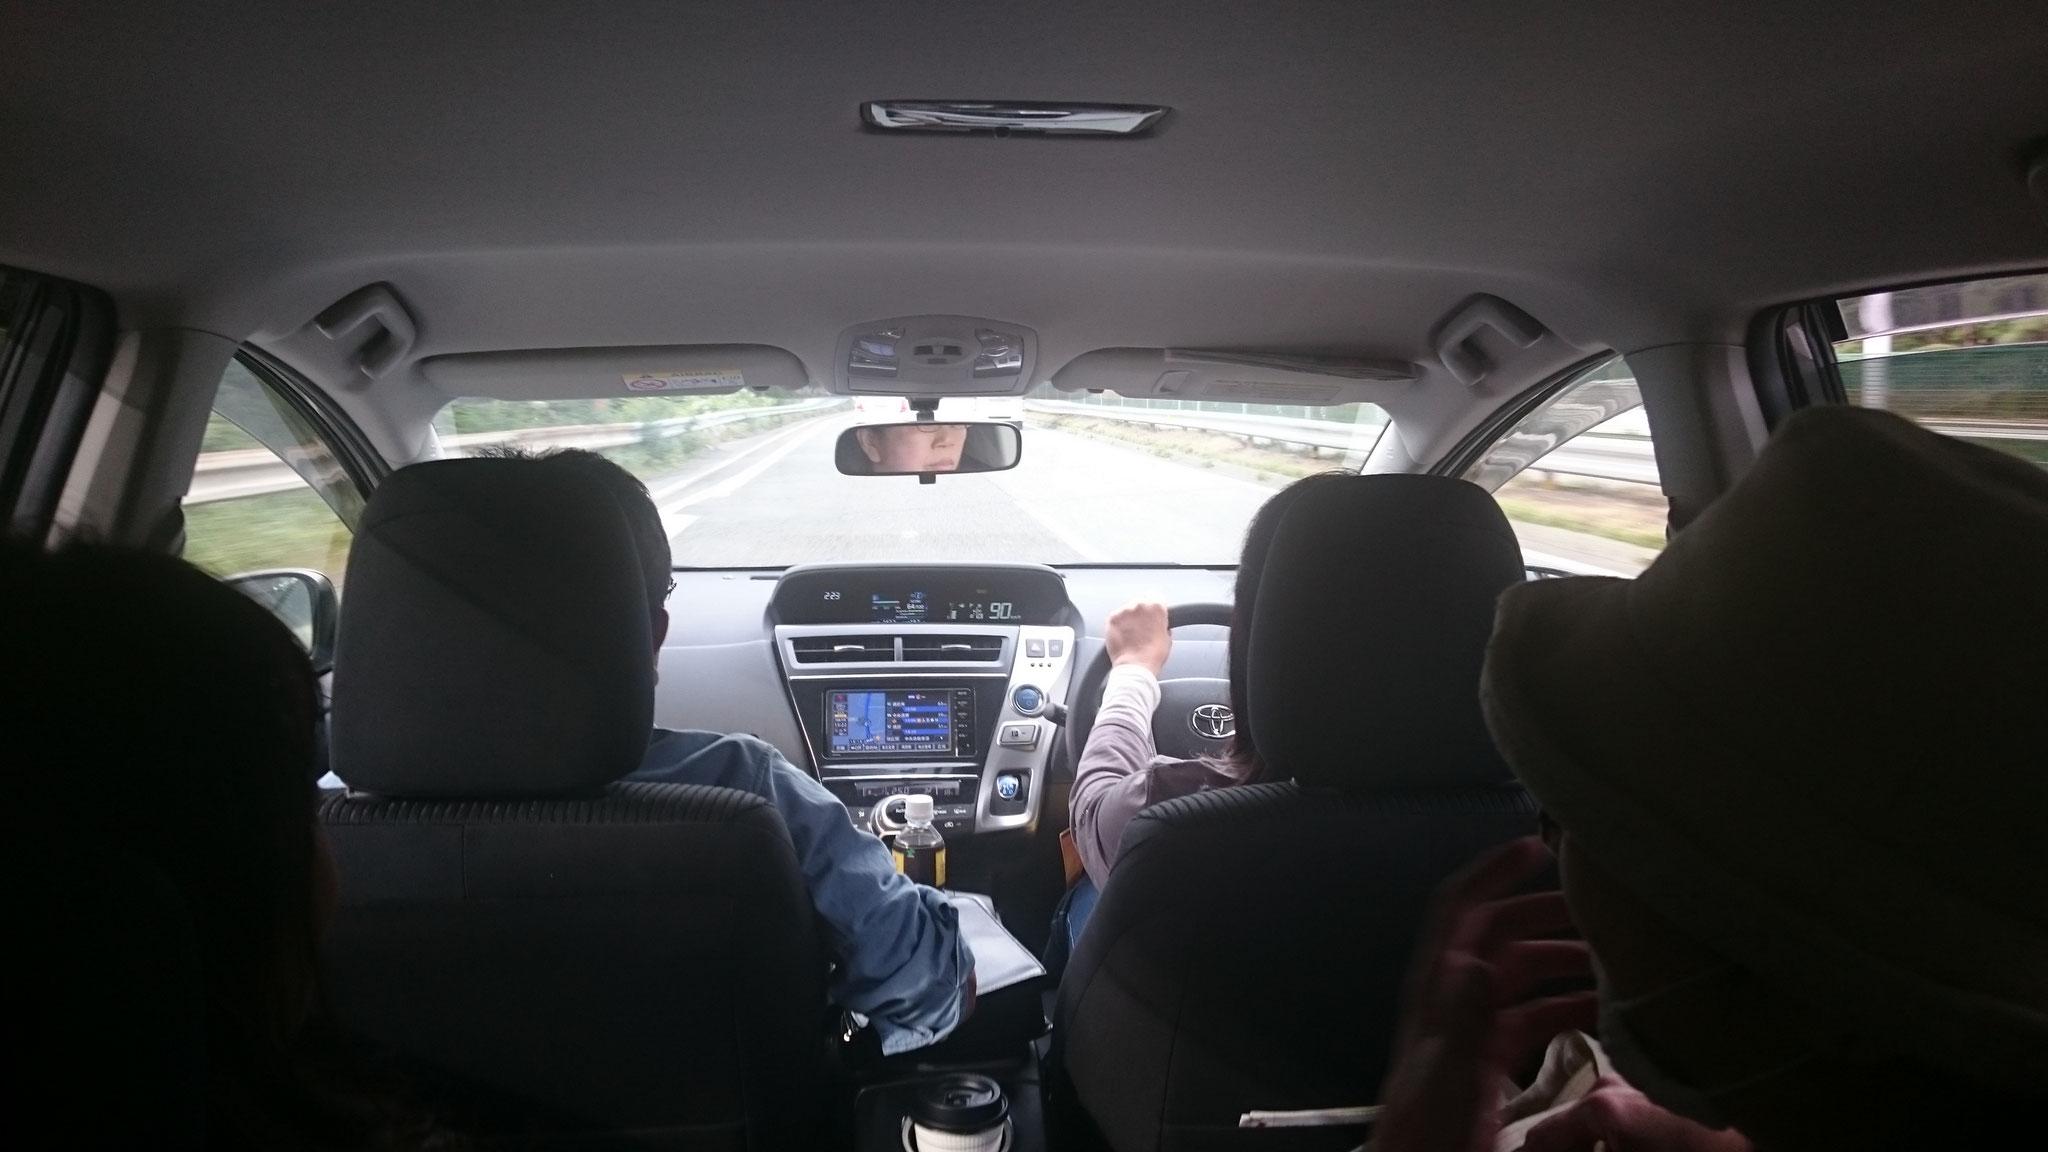 八ヶ岳に向けて安全運転 シートベルトした?